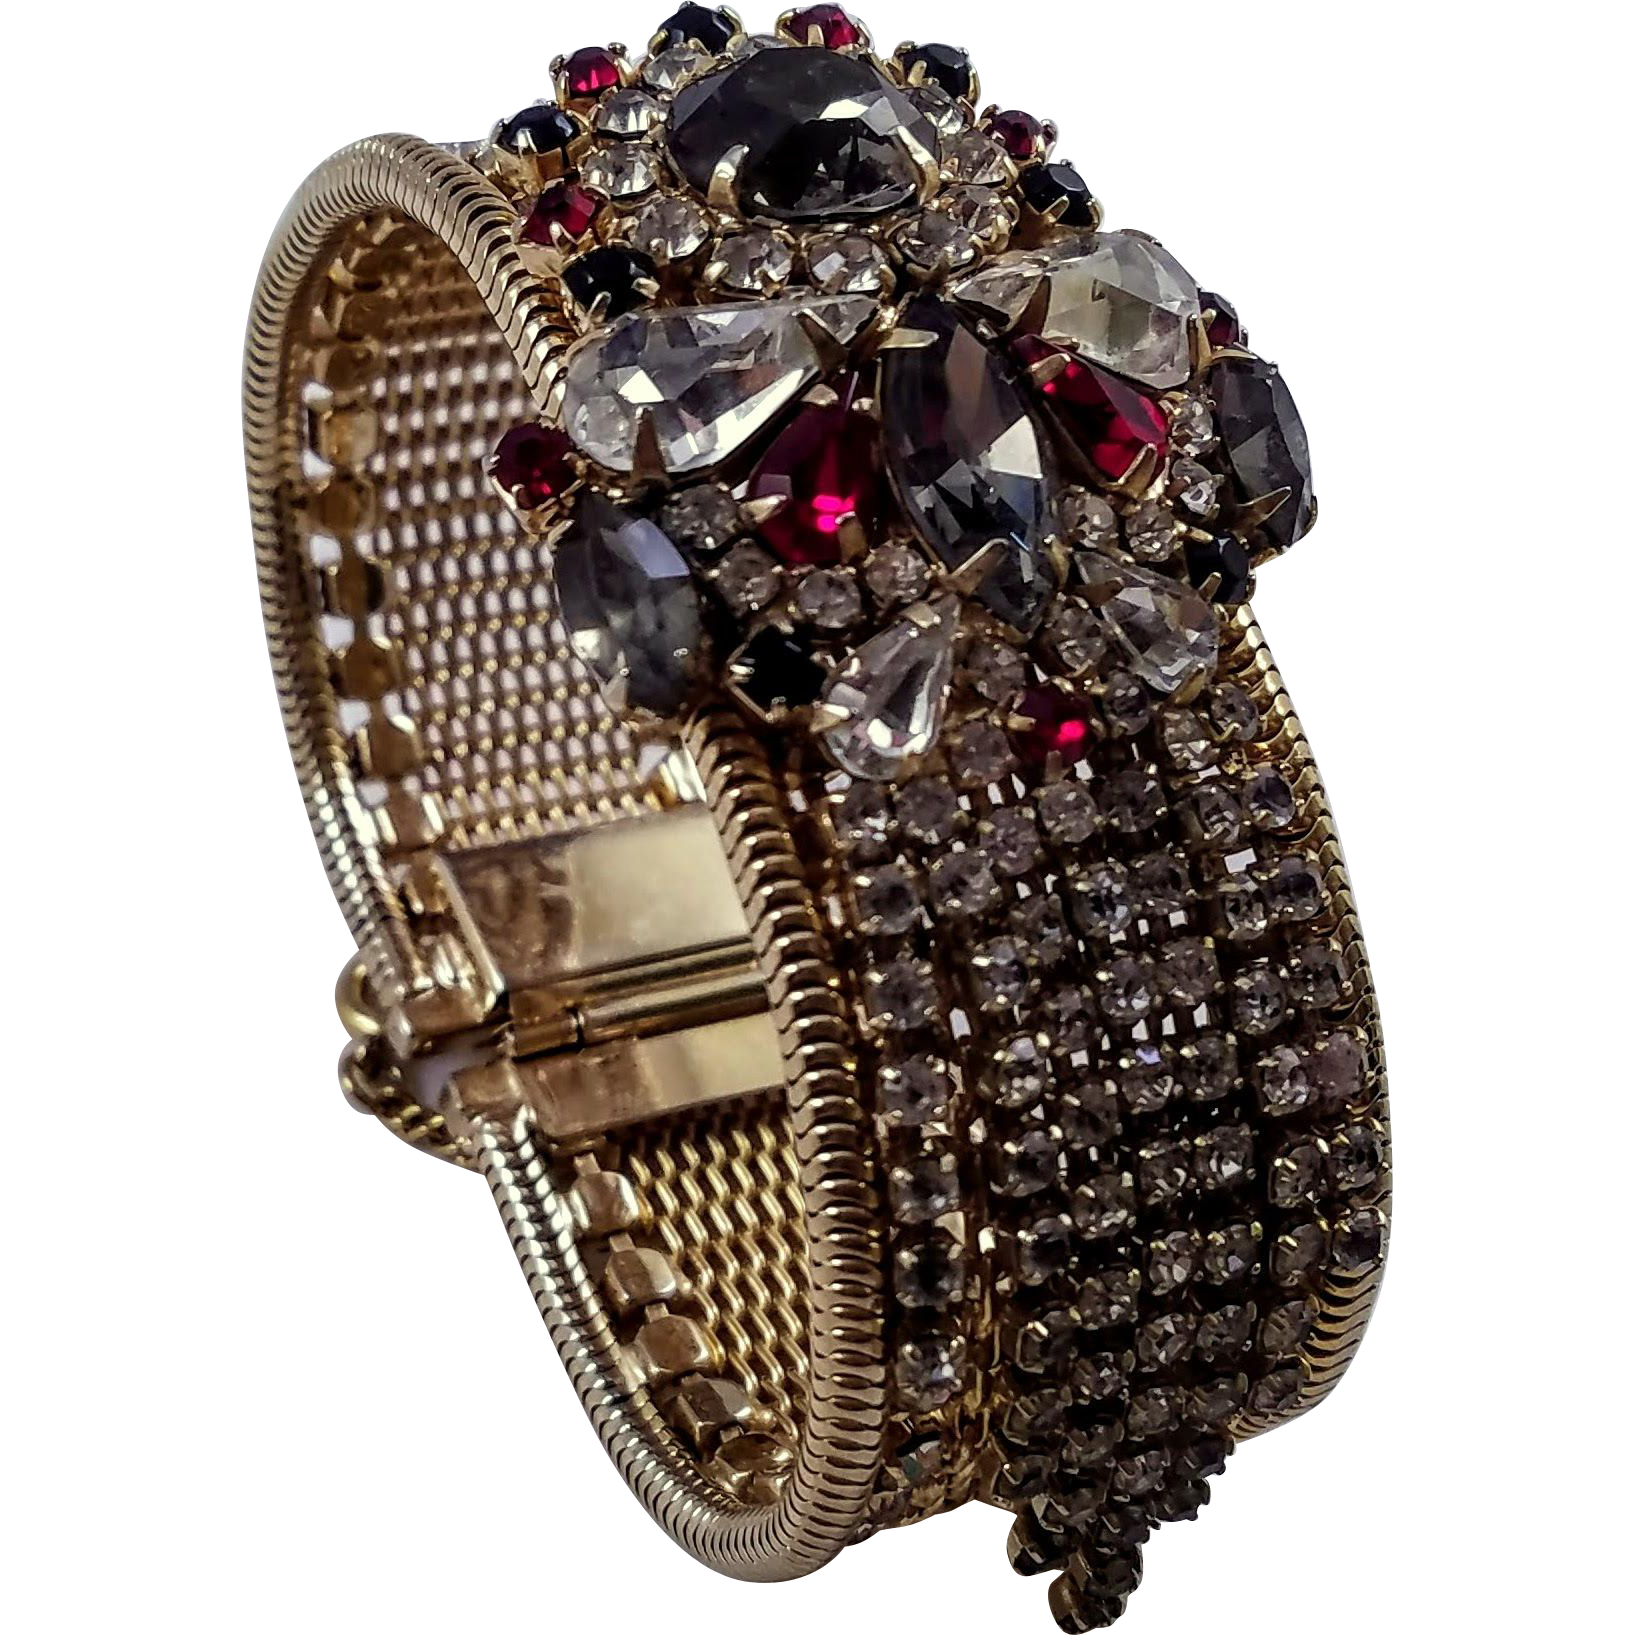 Unsigned Hobe Rhinestone and Mesh Bracelet with Rhinestone Fringe Embellishment